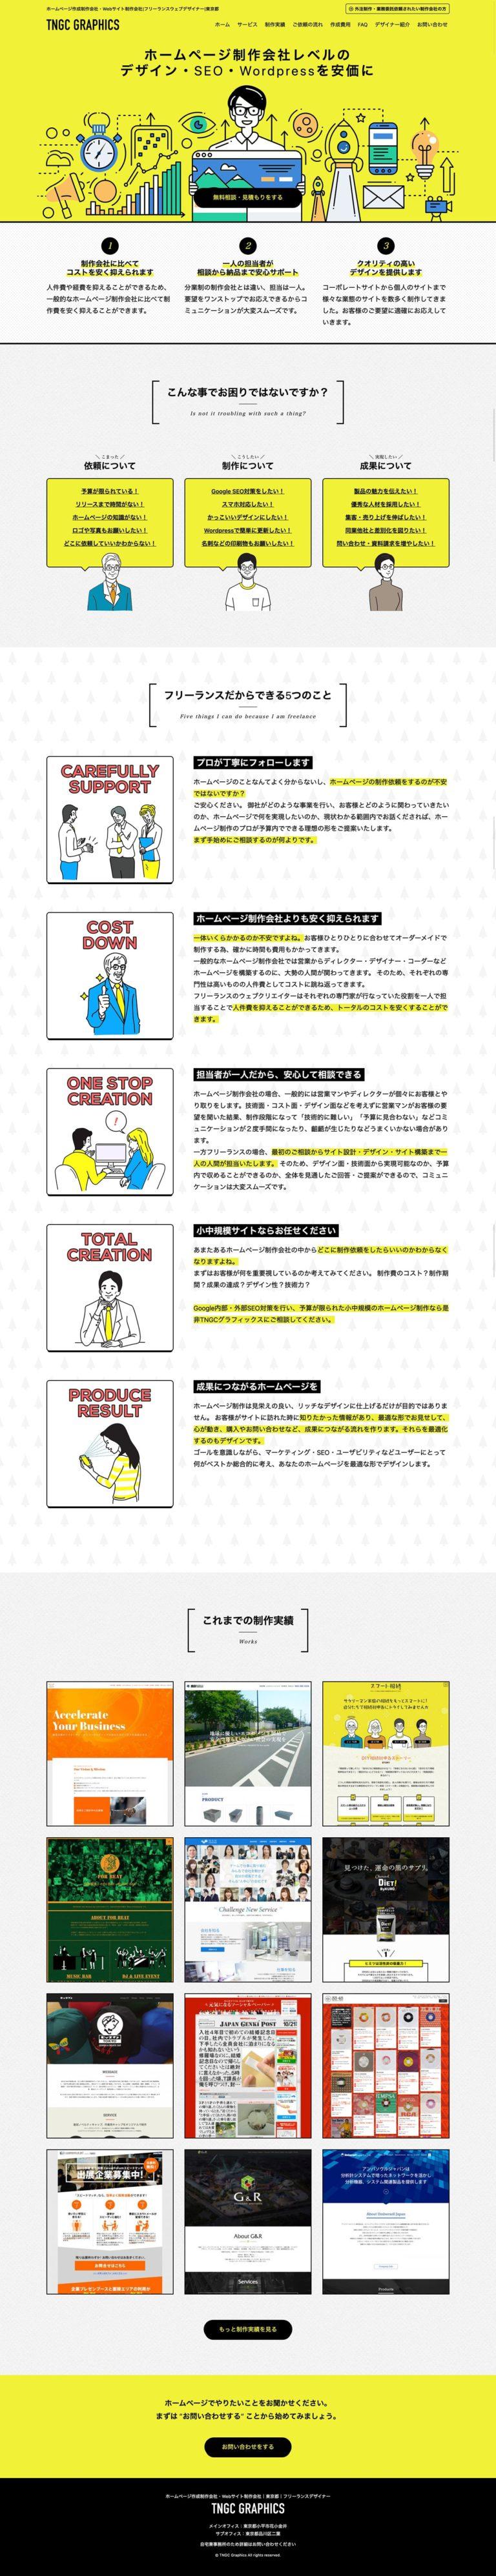 ホームページ制作・Web制作 東京都|フリーランスデザイナーのTNGC